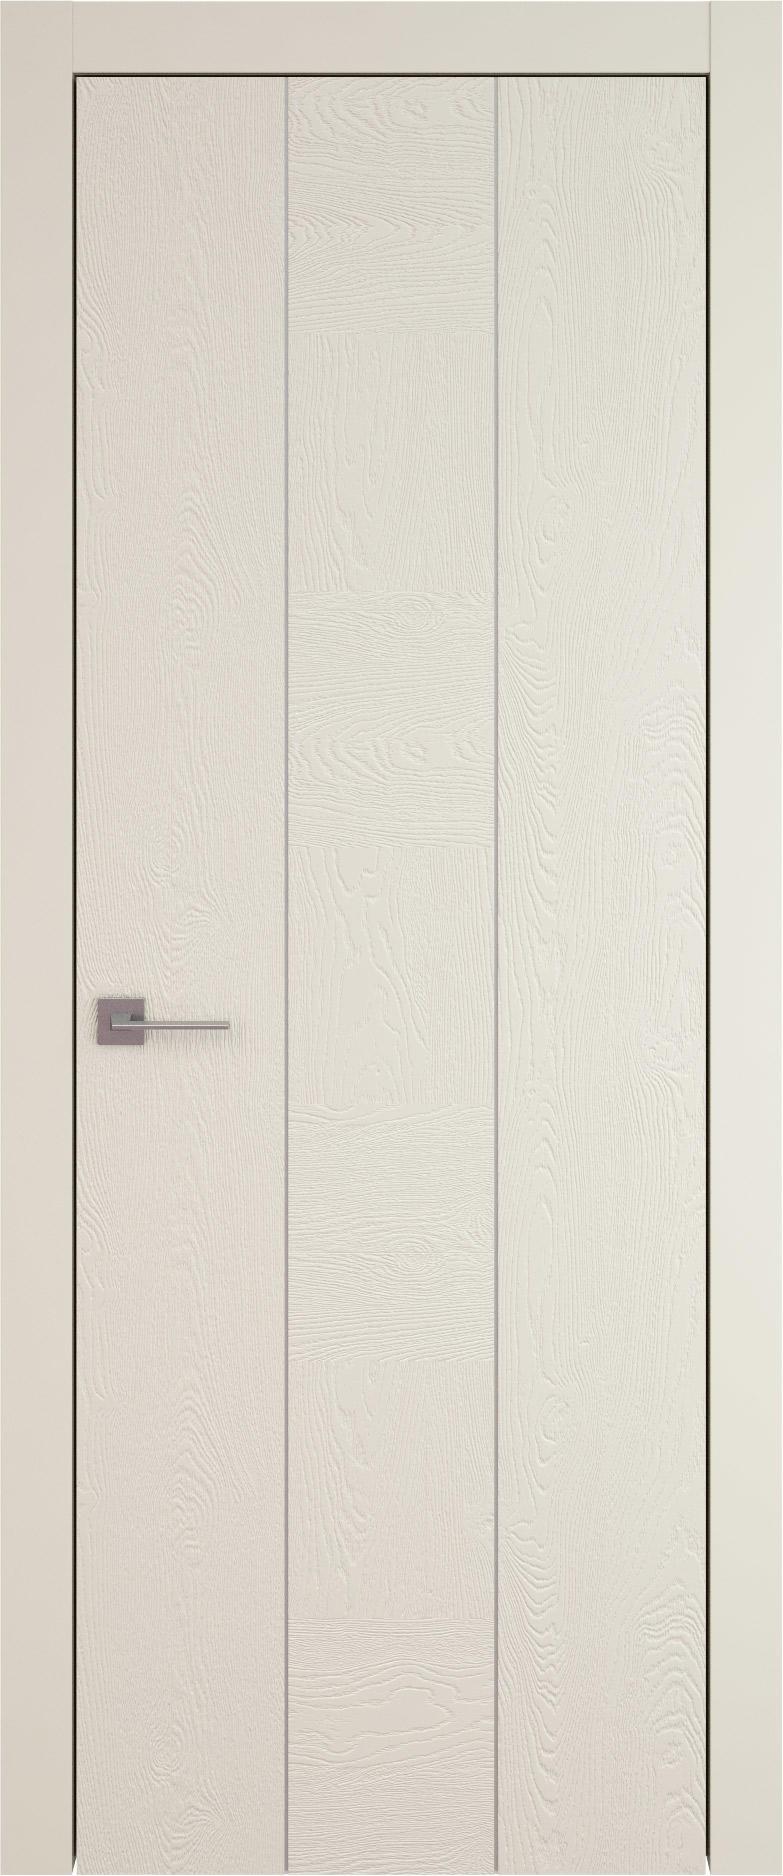 Tivoli Б-1 цвет - Жемчужная эмаль по шпону (RAL 1013) Без стекла (ДГ)